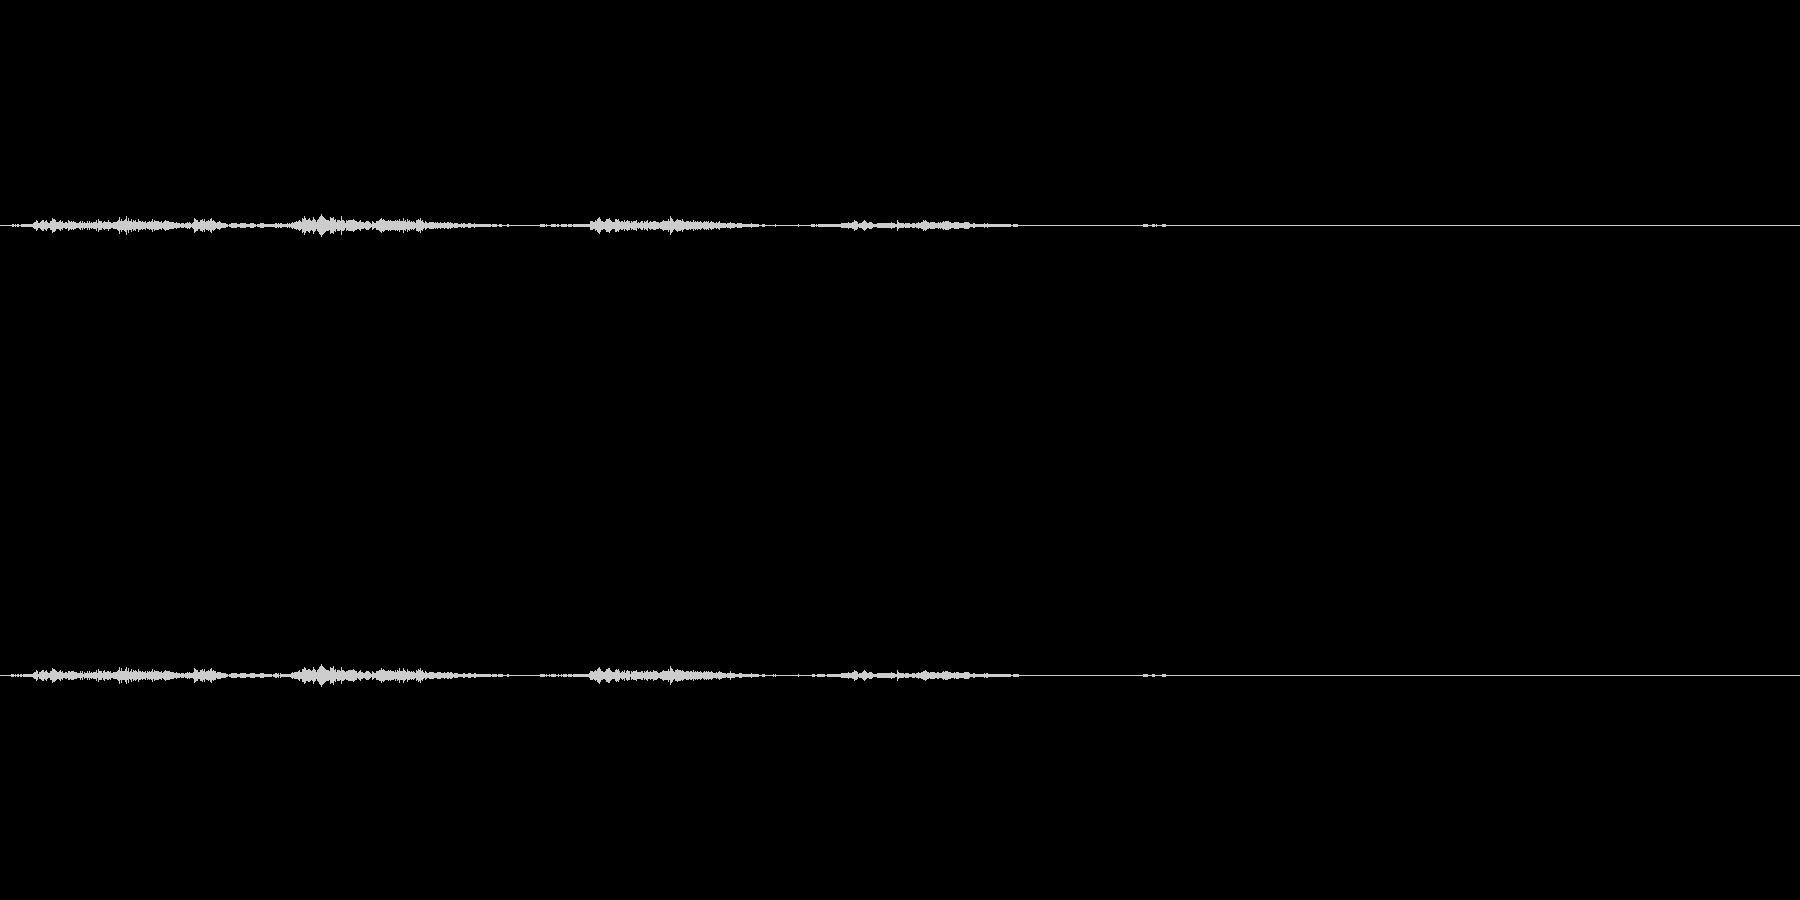 チェックボックスオフ(消しゴム)_02の未再生の波形